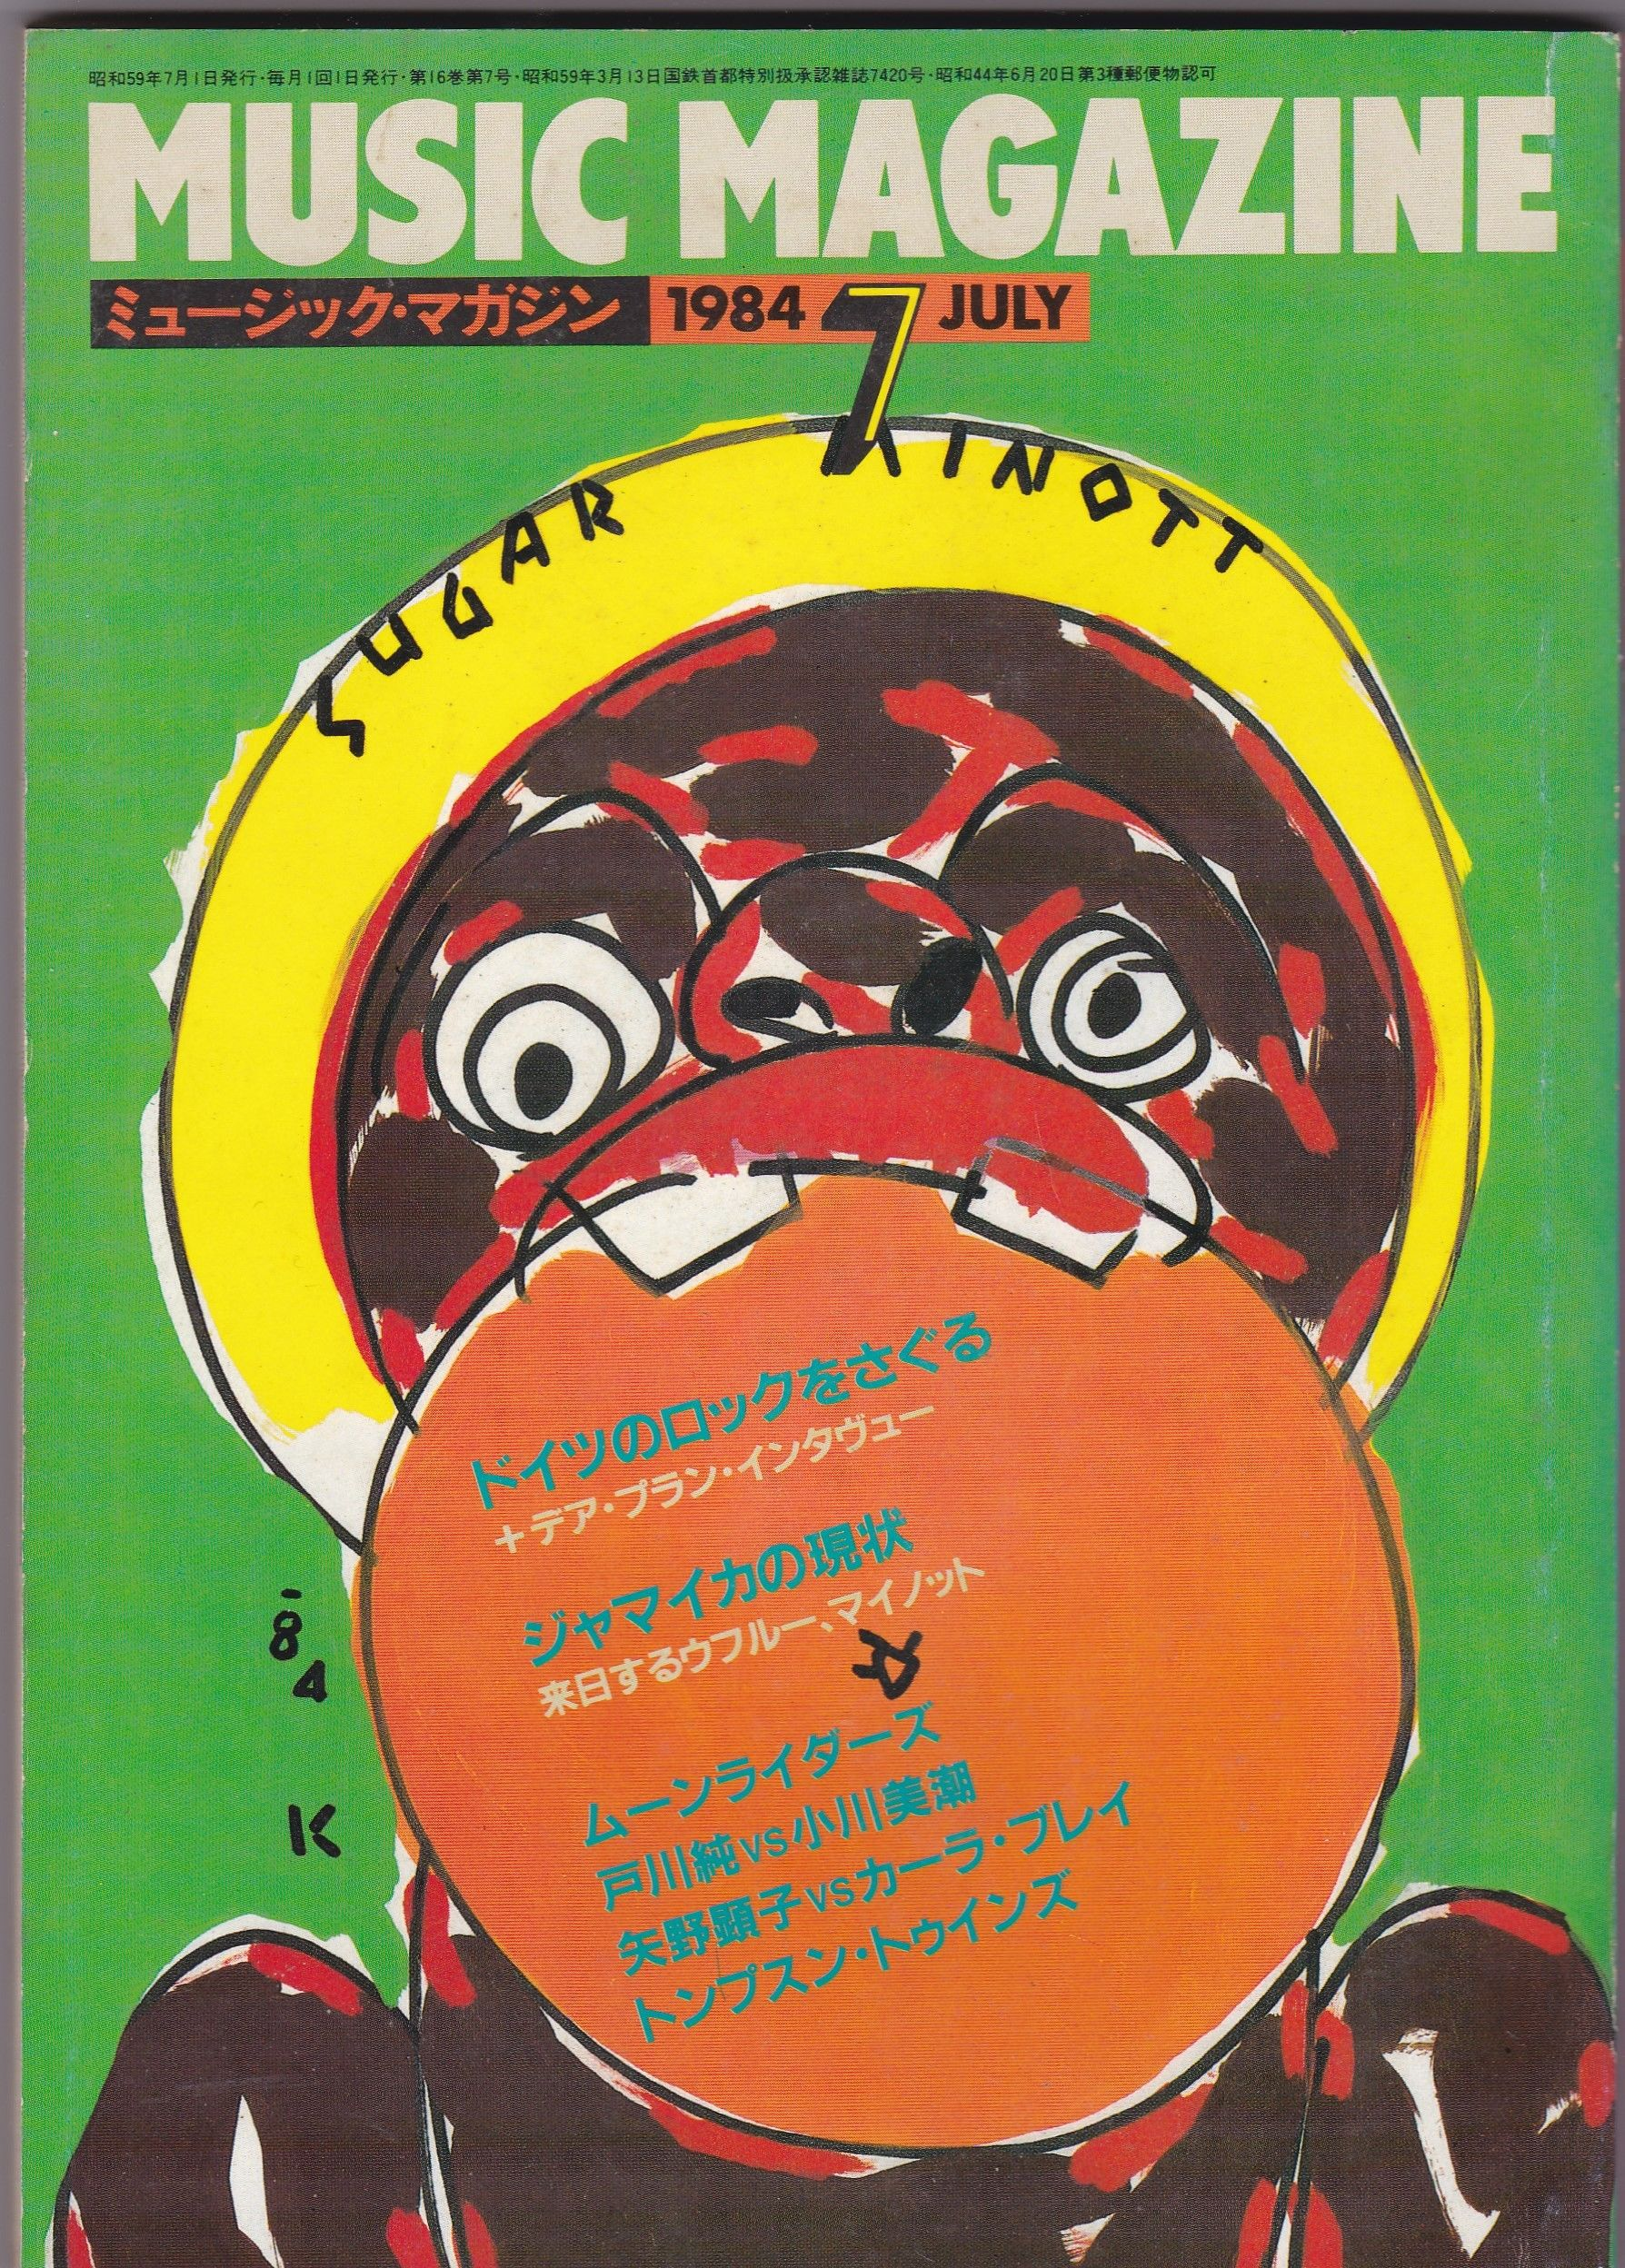 ミュージック・マガジン 1984年7月号